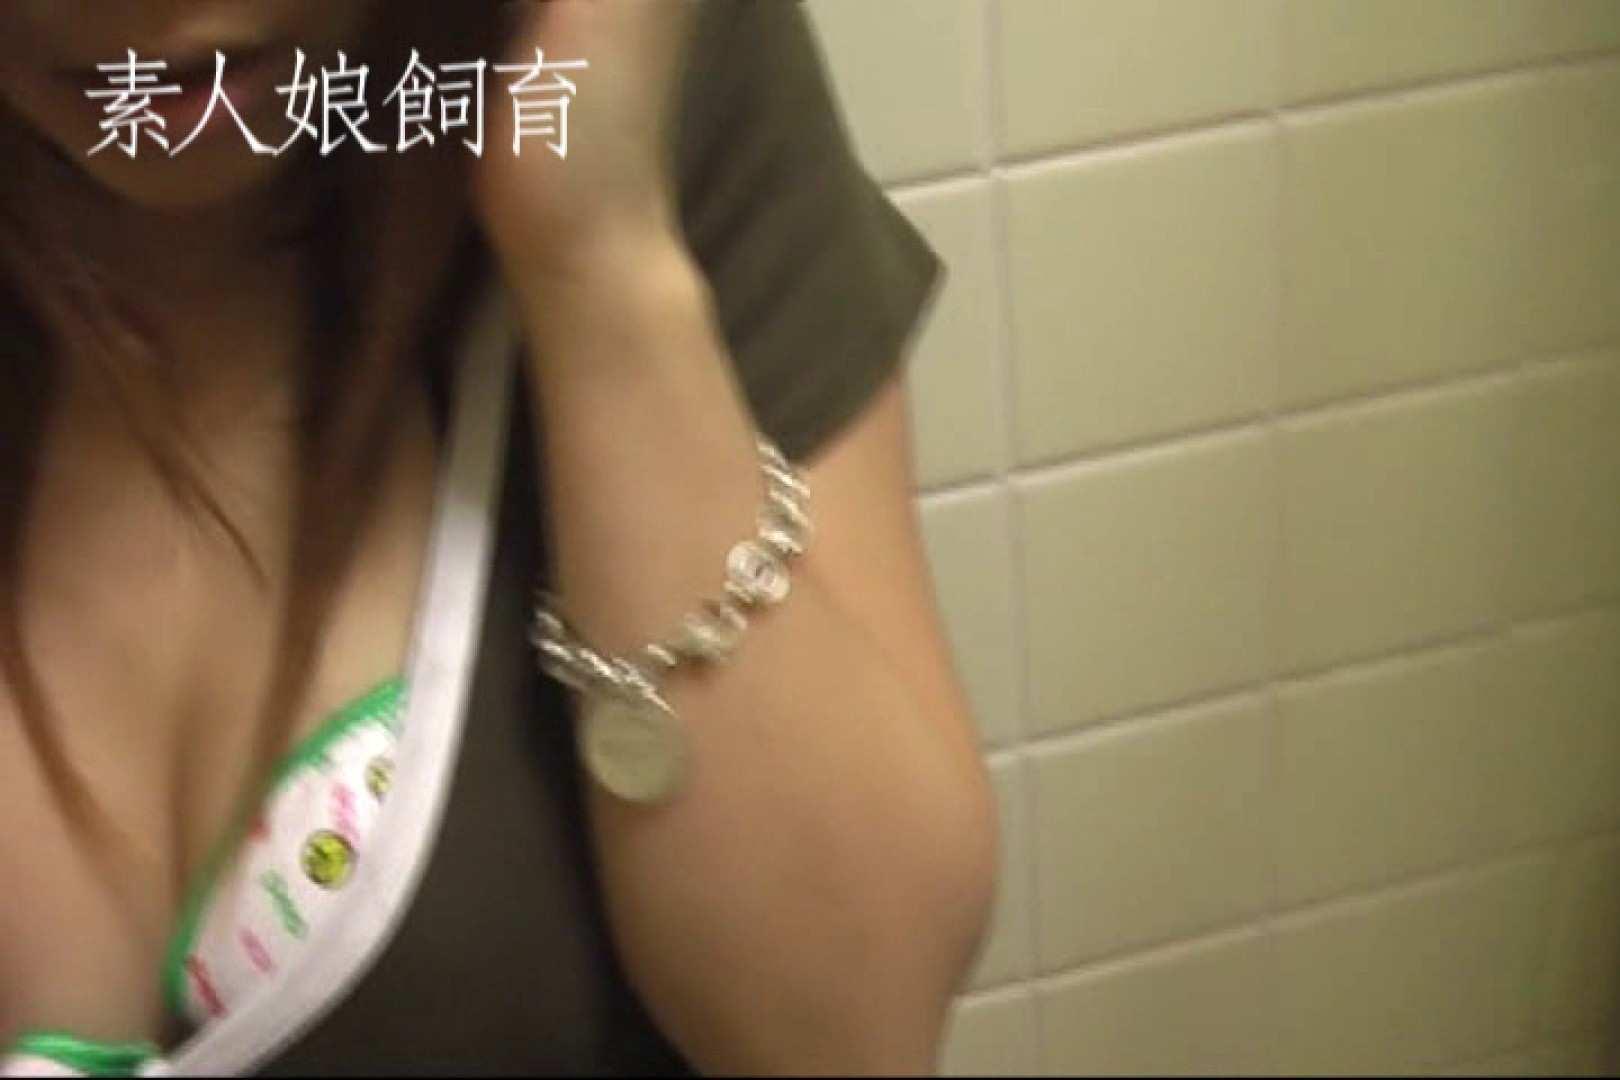 素人嬢飼育~お前の餌は他人棒~公衆トイレ 一般投稿 盗み撮り動画 49pic 2